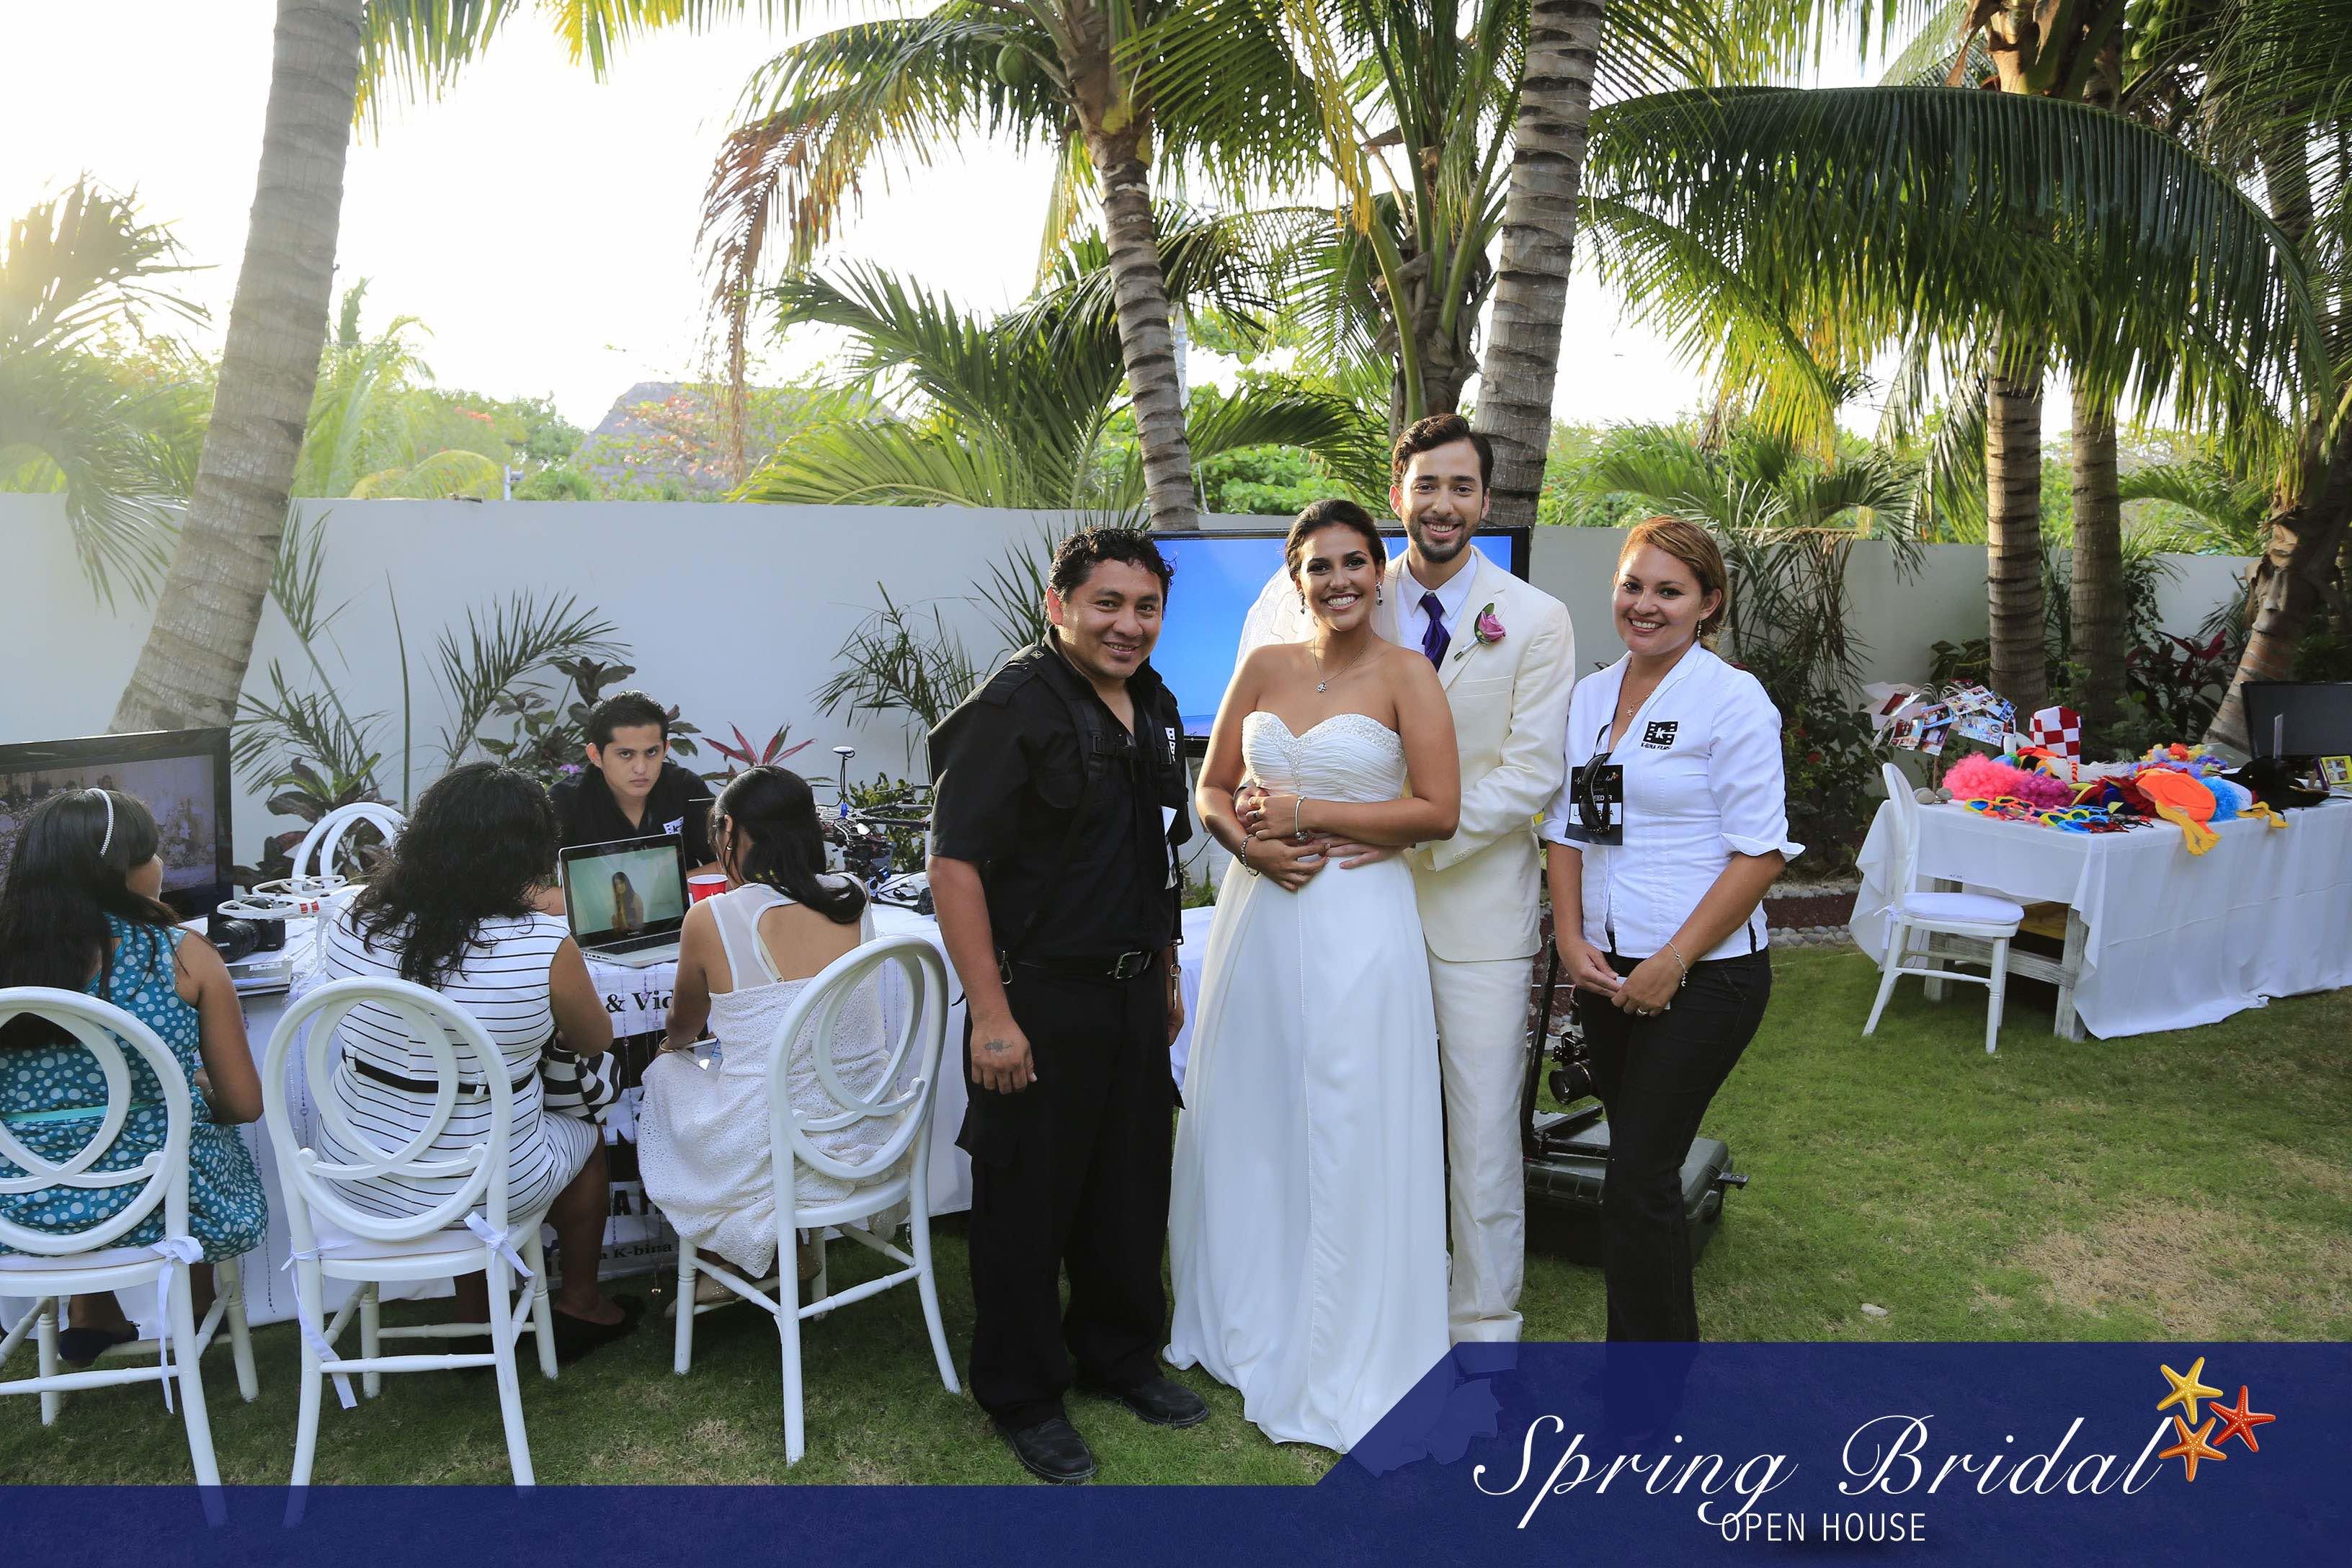 Novios Spring-Bridal-2015 con proveedores